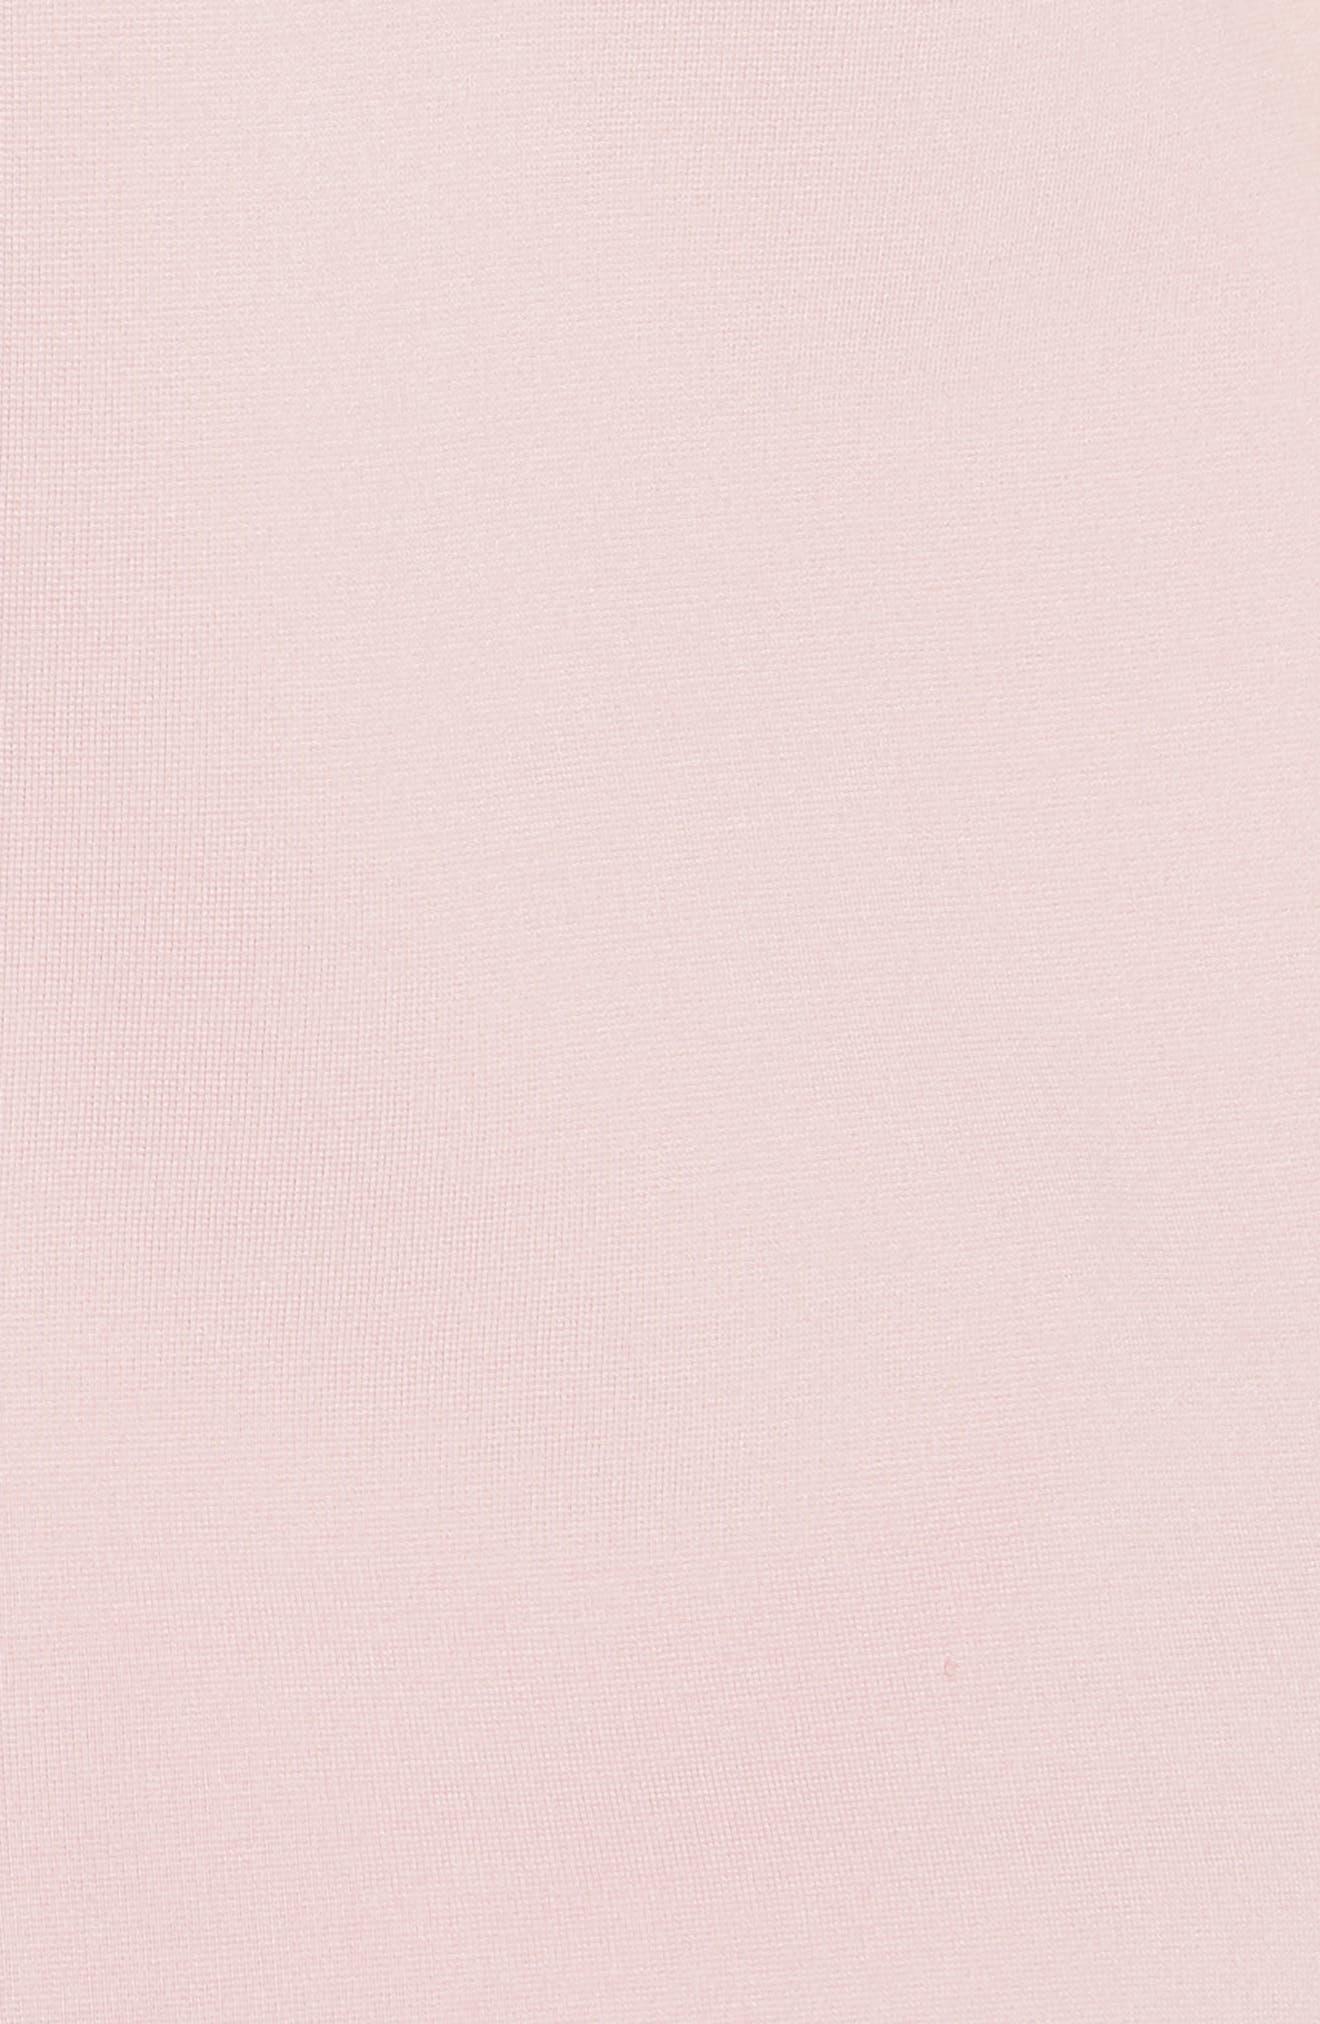 Joyous Bow Shoulder Top,                             Alternate thumbnail 5, color,                             DUSKY PINK